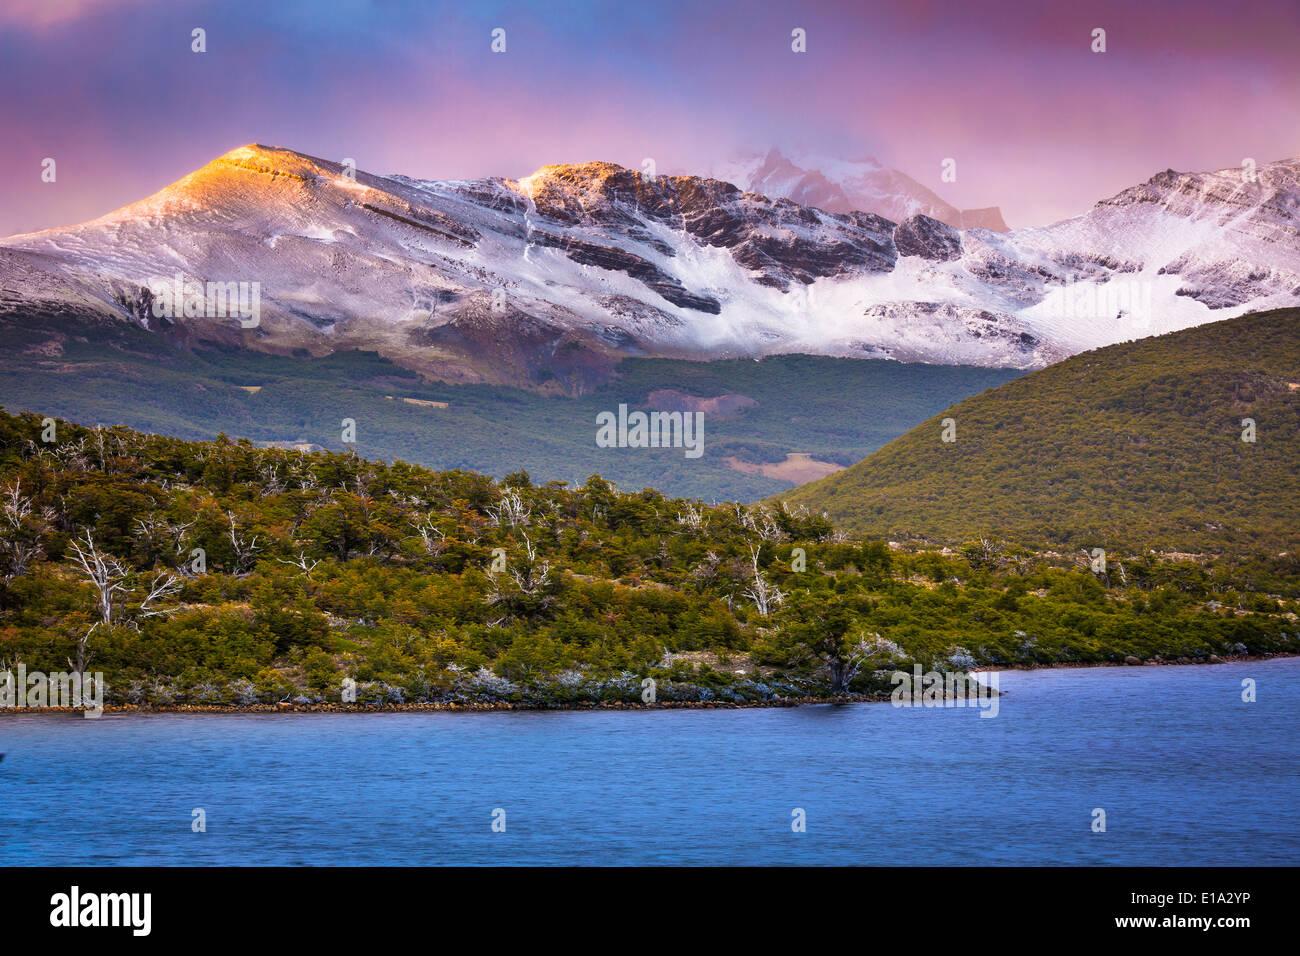 Laguna Capri-See in der Nähe von El Chaltén im argentinischen Teil Patagoniens Stockbild